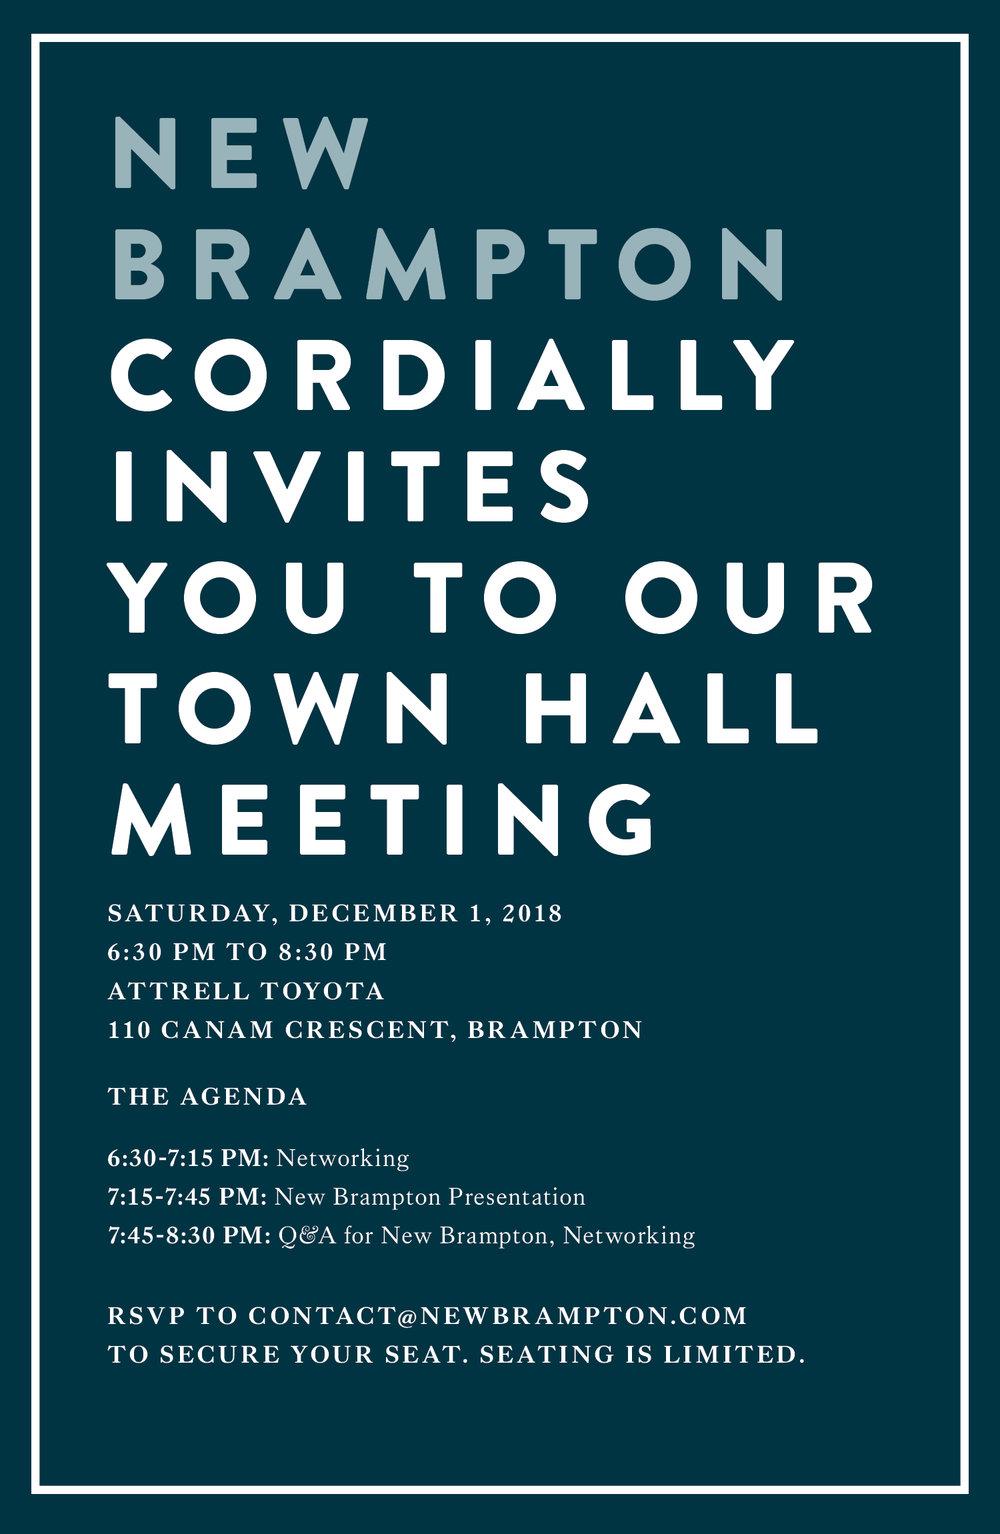 NewBrampton_Invite_TownHall_Dec1.jpg